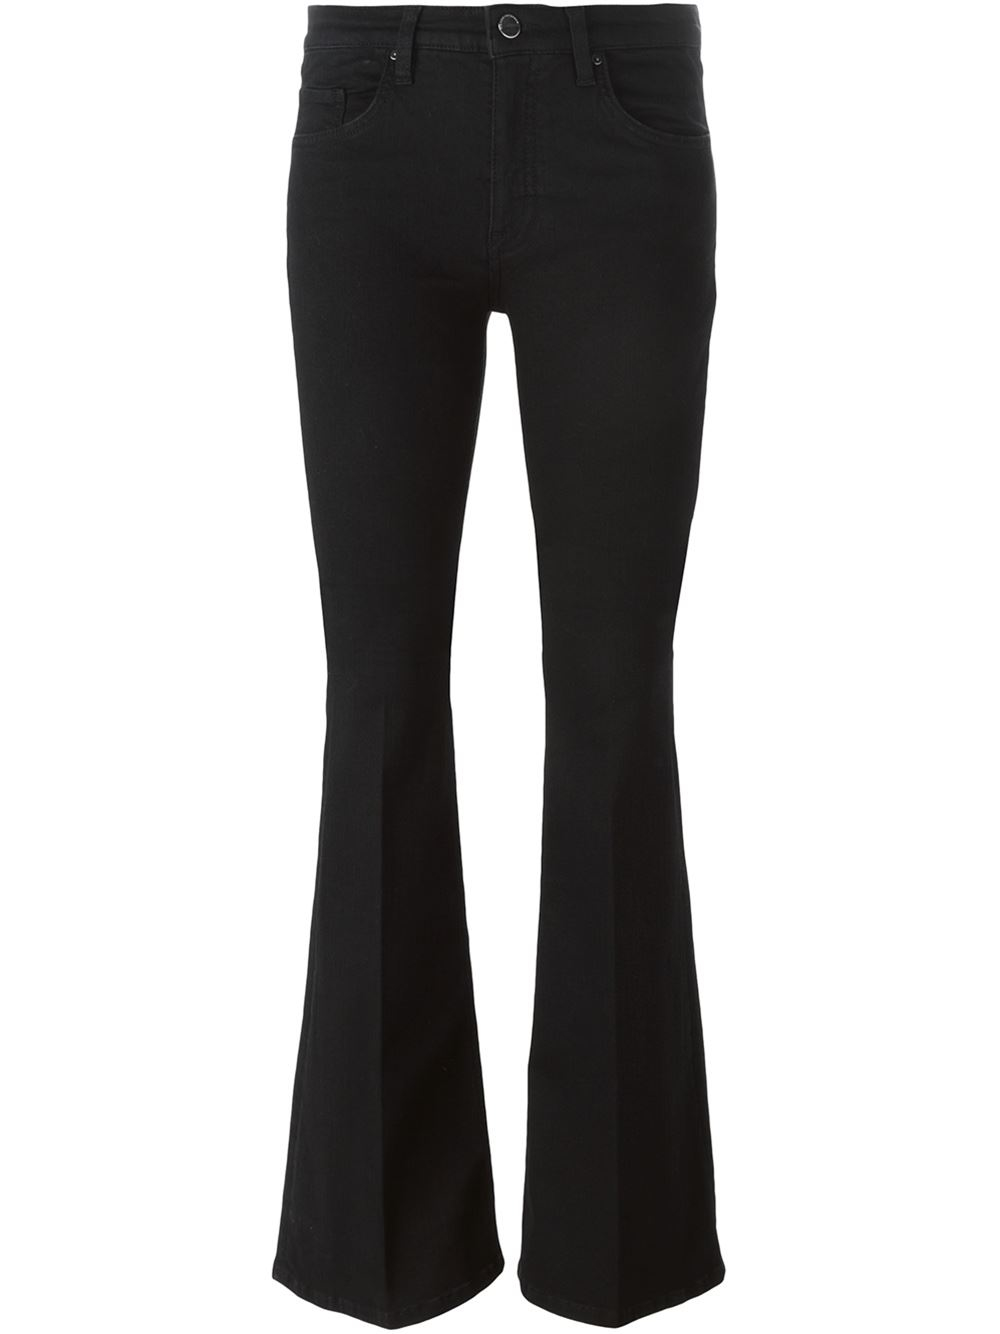 victoria beckham flared jeans in black lyst. Black Bedroom Furniture Sets. Home Design Ideas